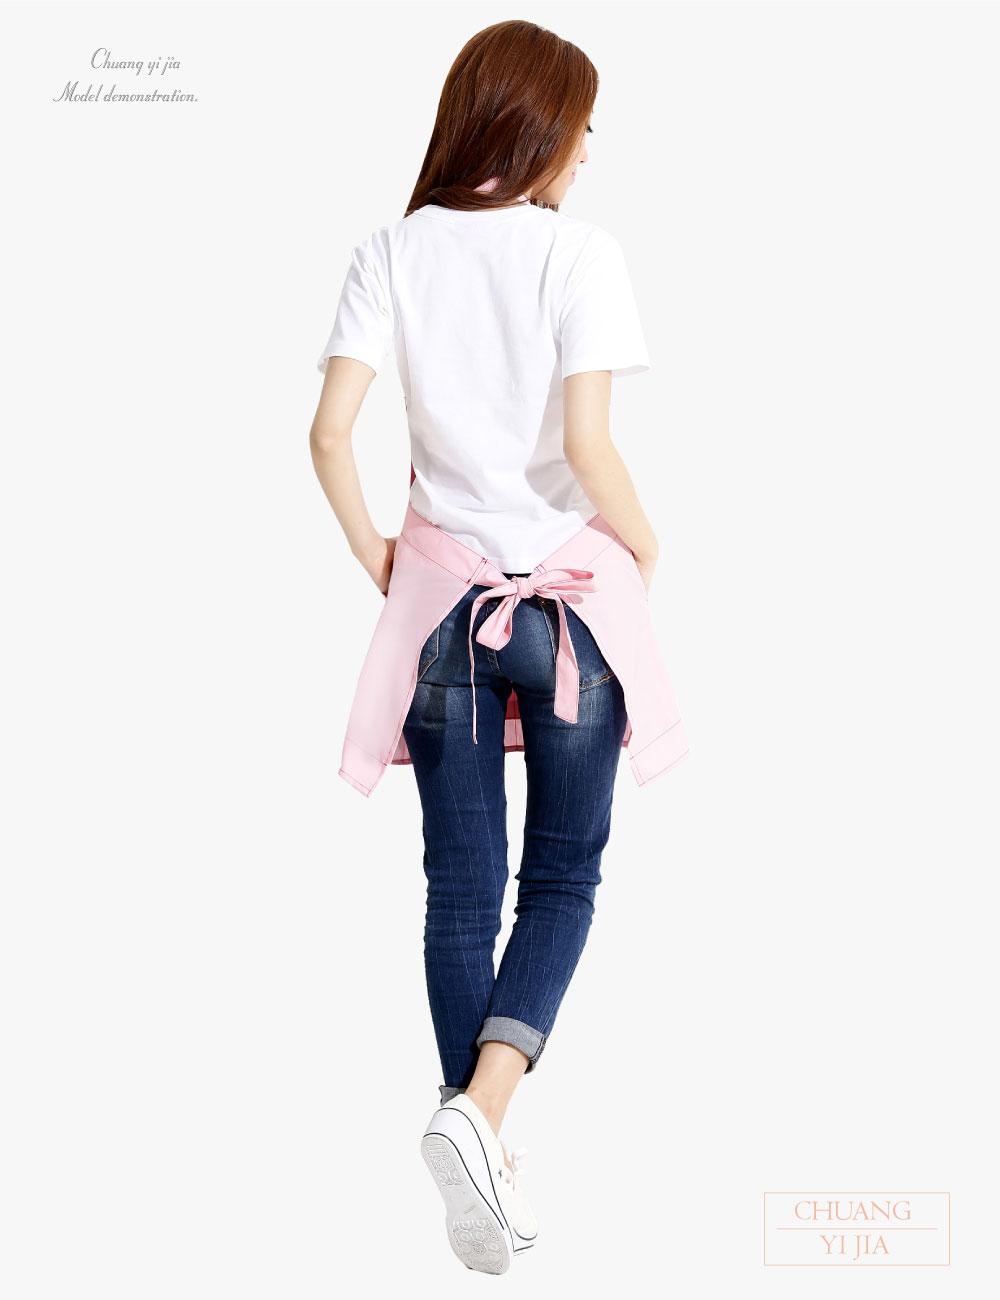 保母圍裙,工作圍裙,專業圍裙,廚師圍裙,烘培圍裙,園藝圍裙,防髒圍裙,日式圍裙,半截圍裙,圍裙訂製,職人日式圍裙圍